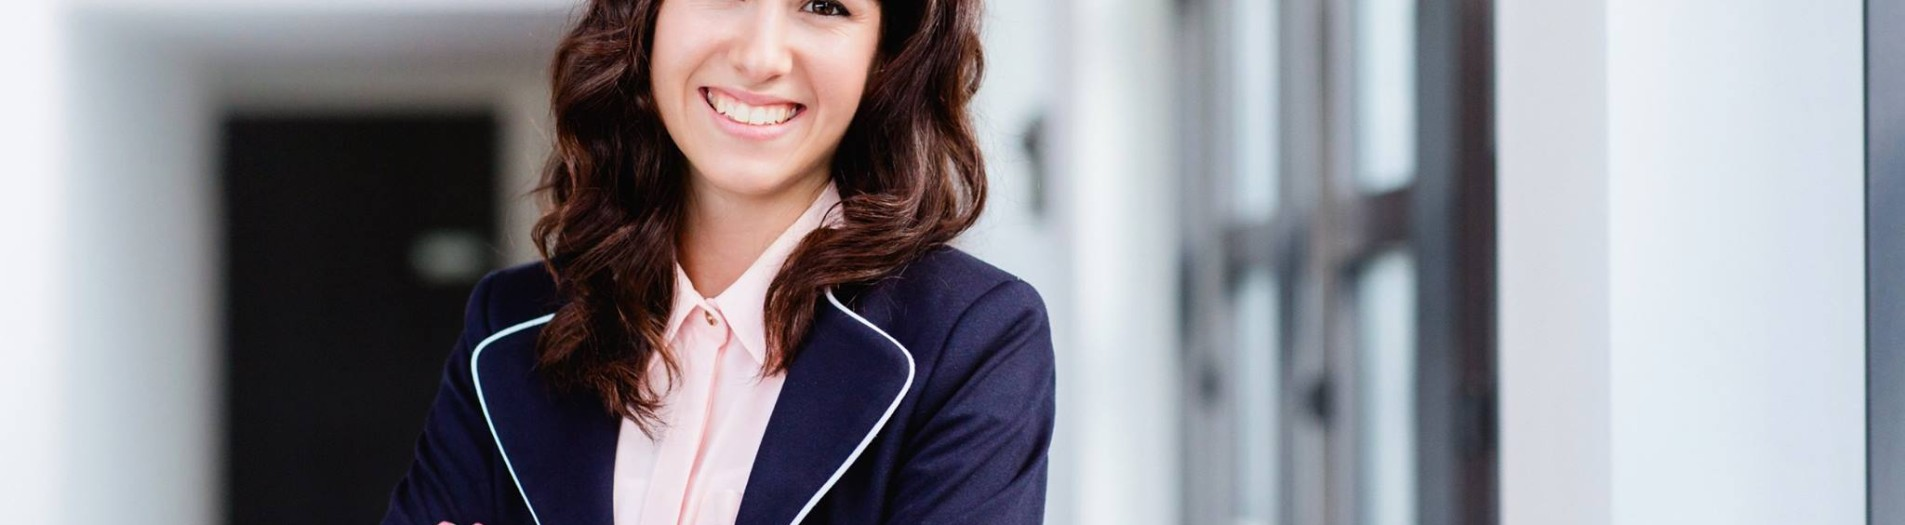 Bewerbungsfotos für Lisa aus Karlsruhe